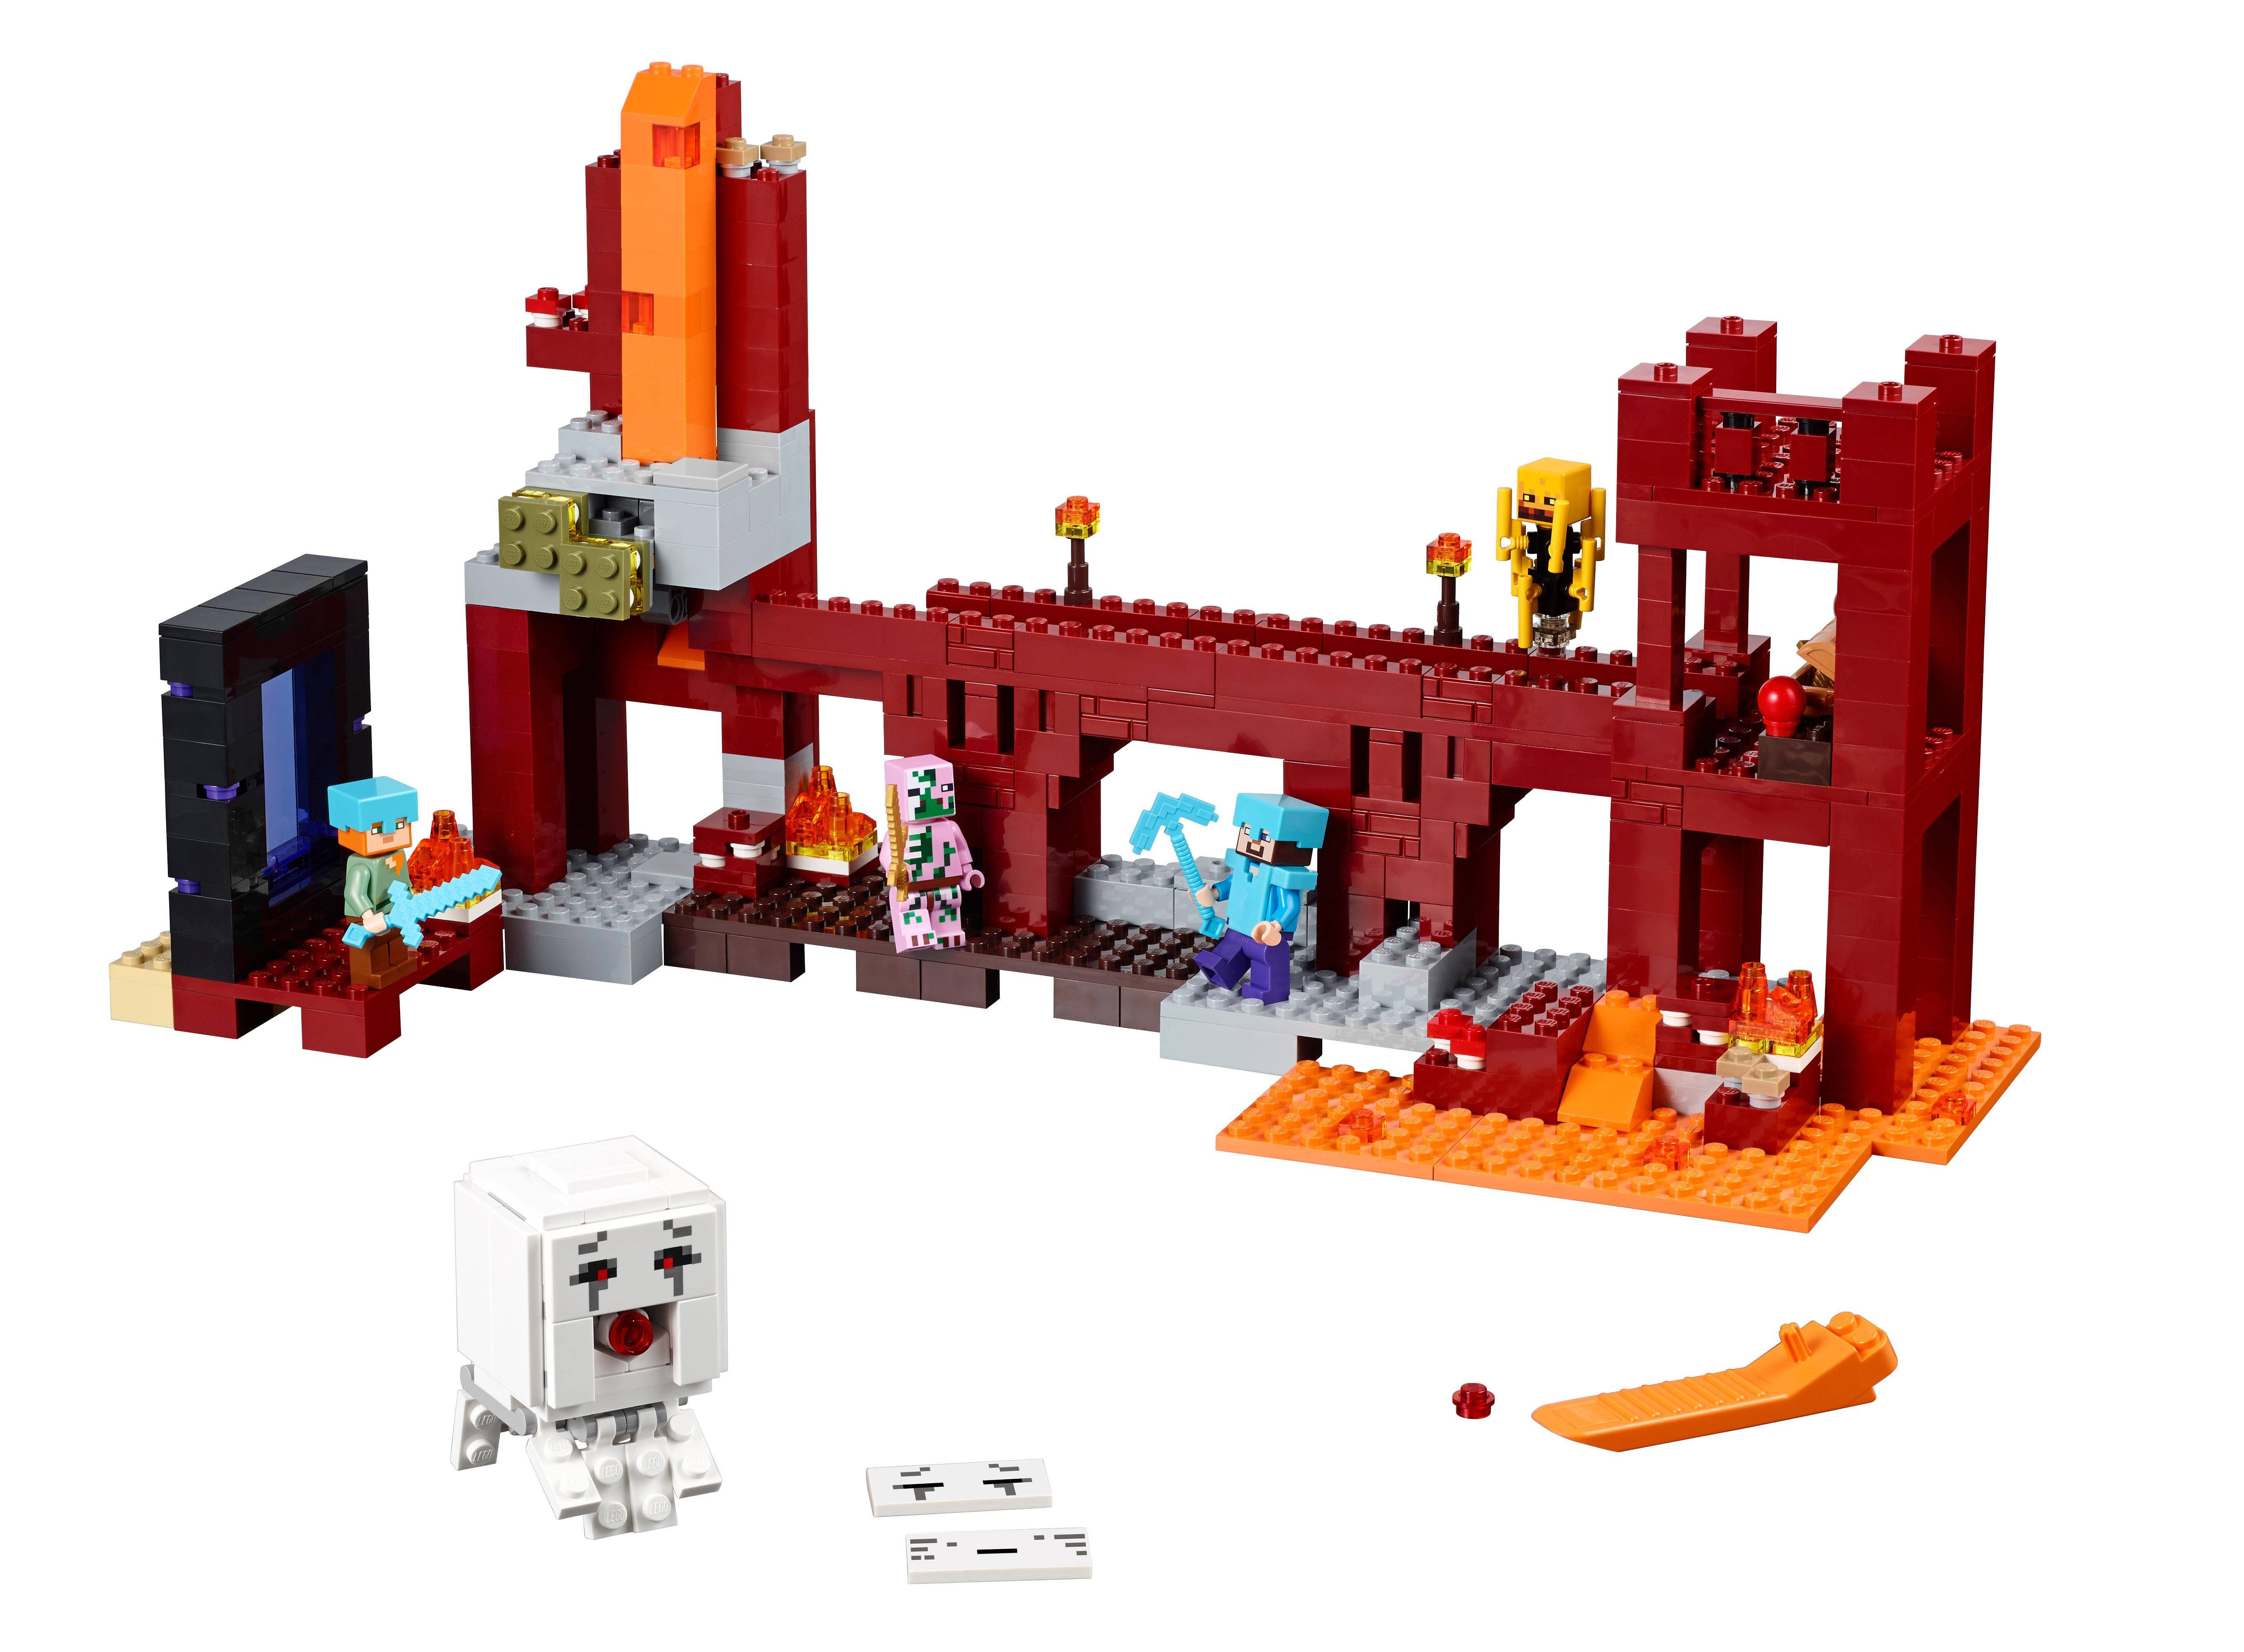 лего майнкрафт купить в китае #8